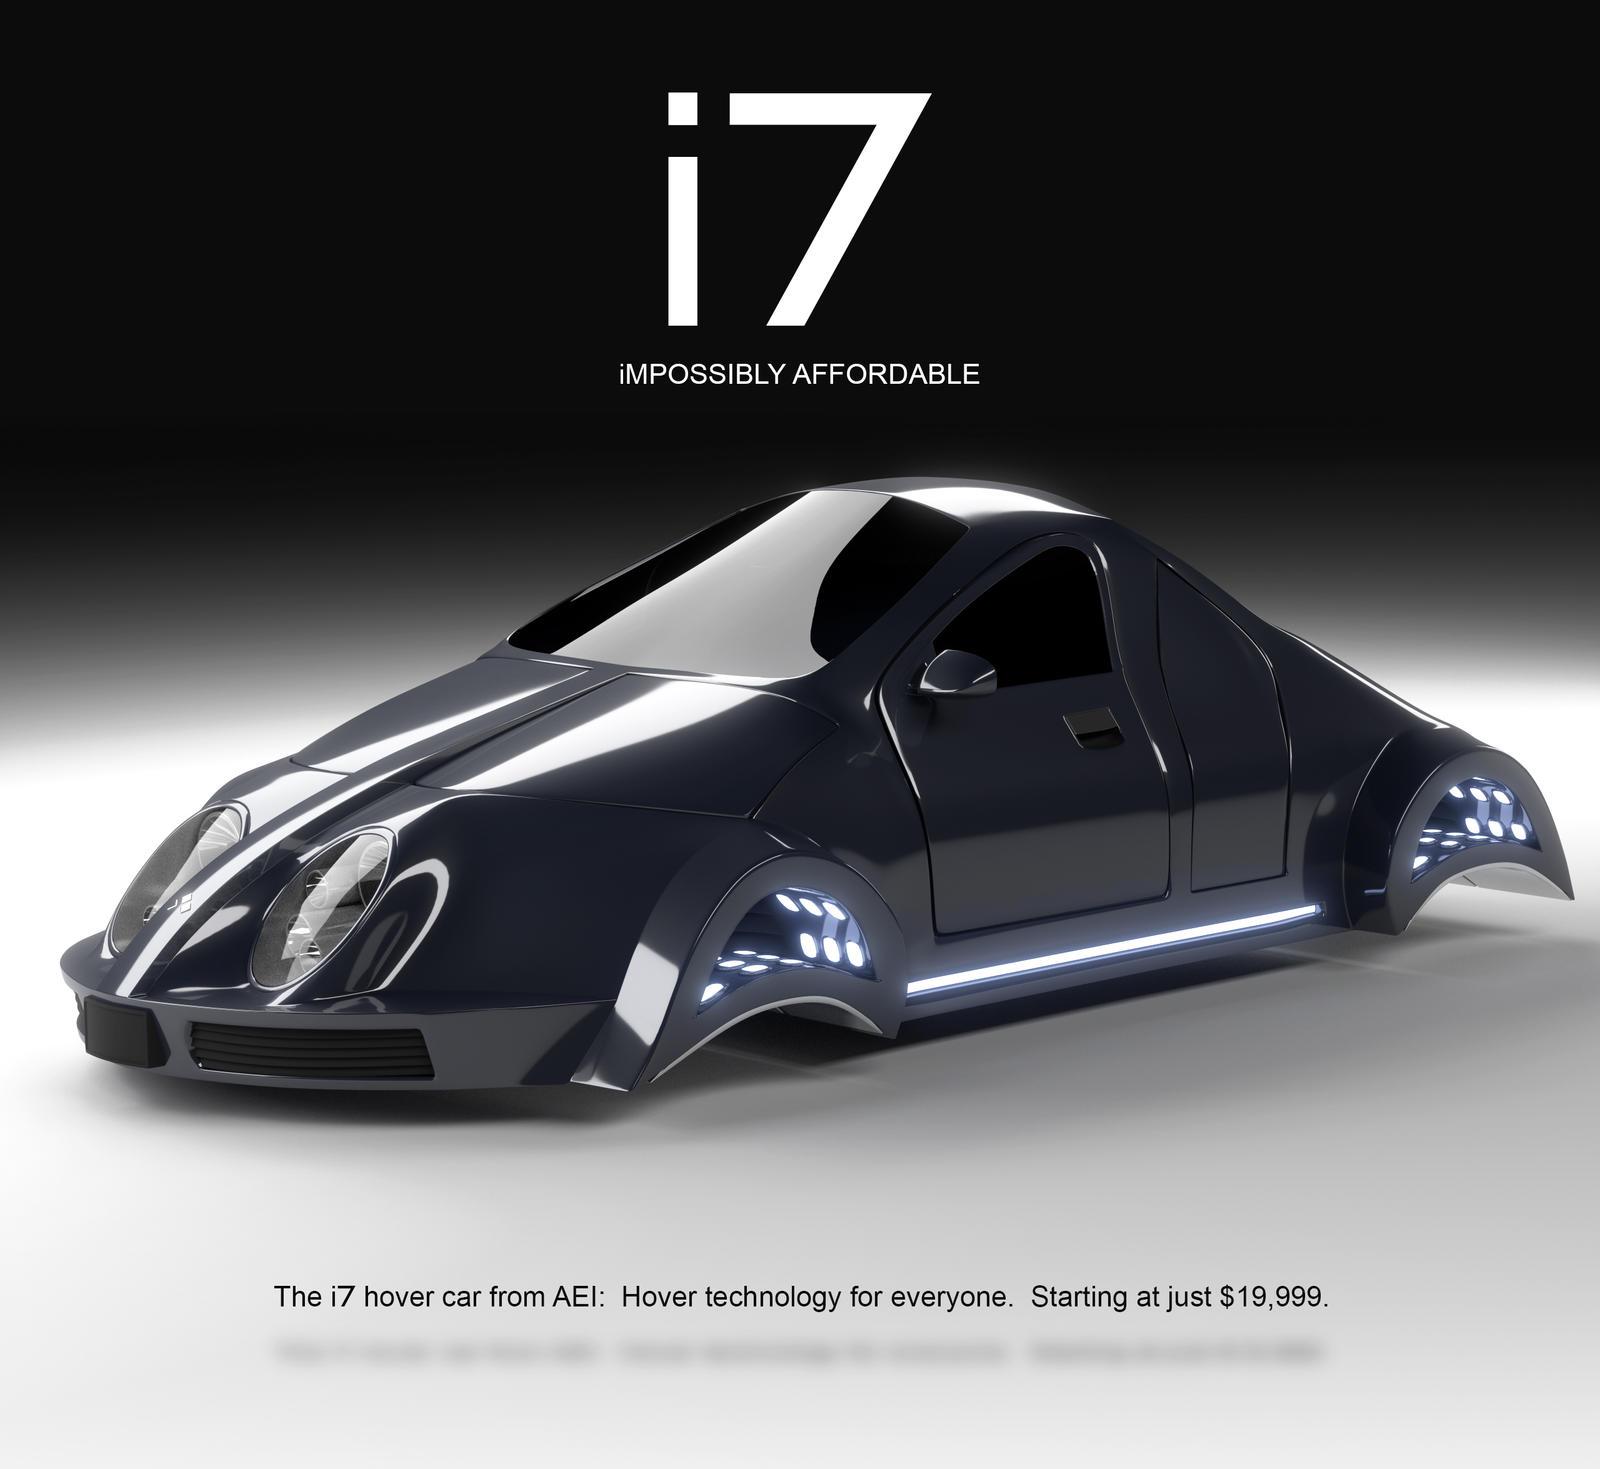 i7 hover car by boningerworks